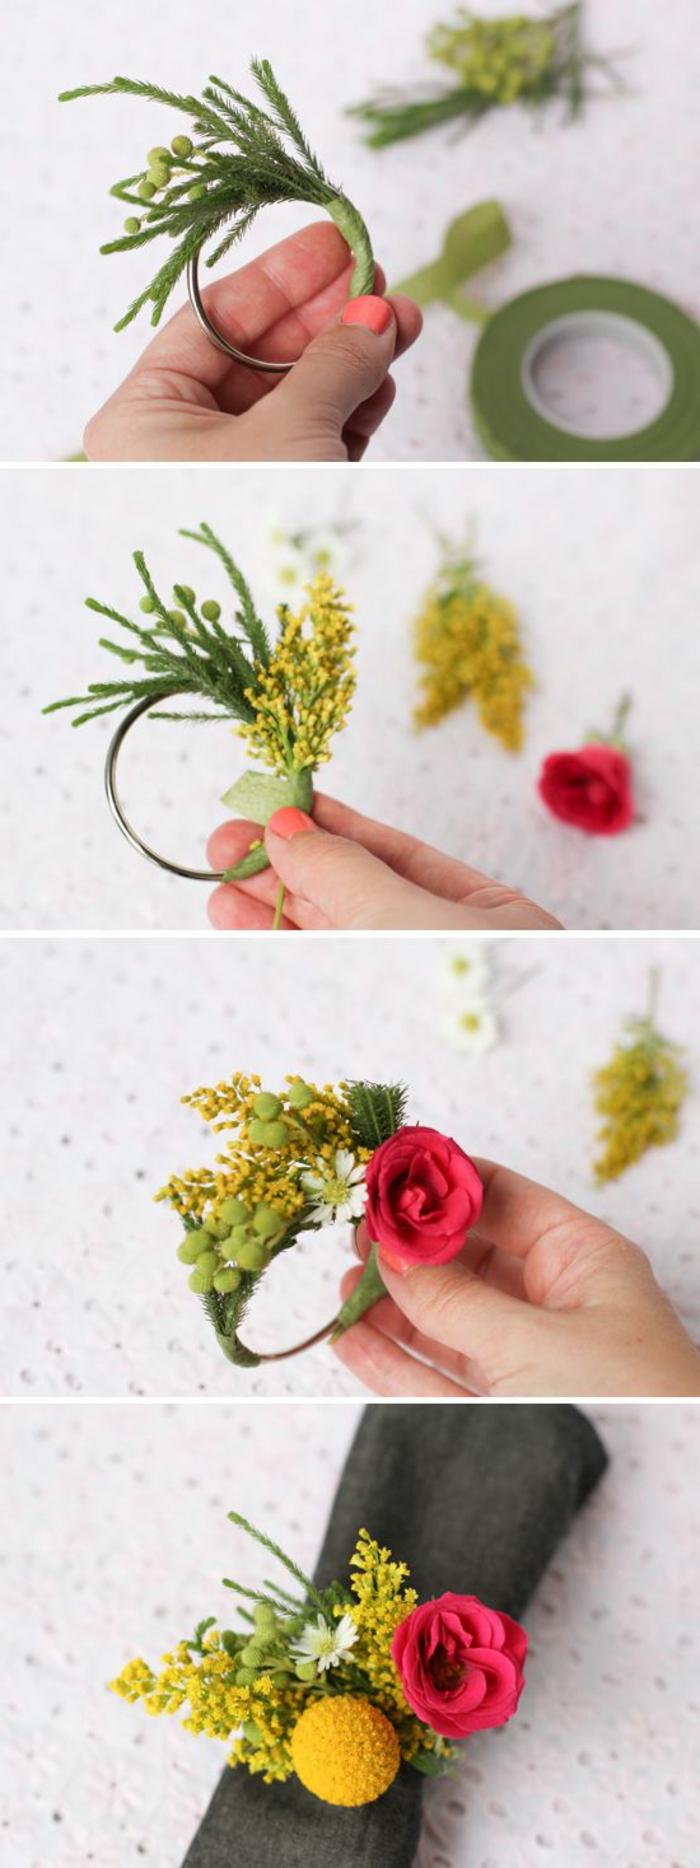 como hacer un centro de mesa DIY paso a paso, manualidades caseras originales, decoración mesa con detalles con motivos florales